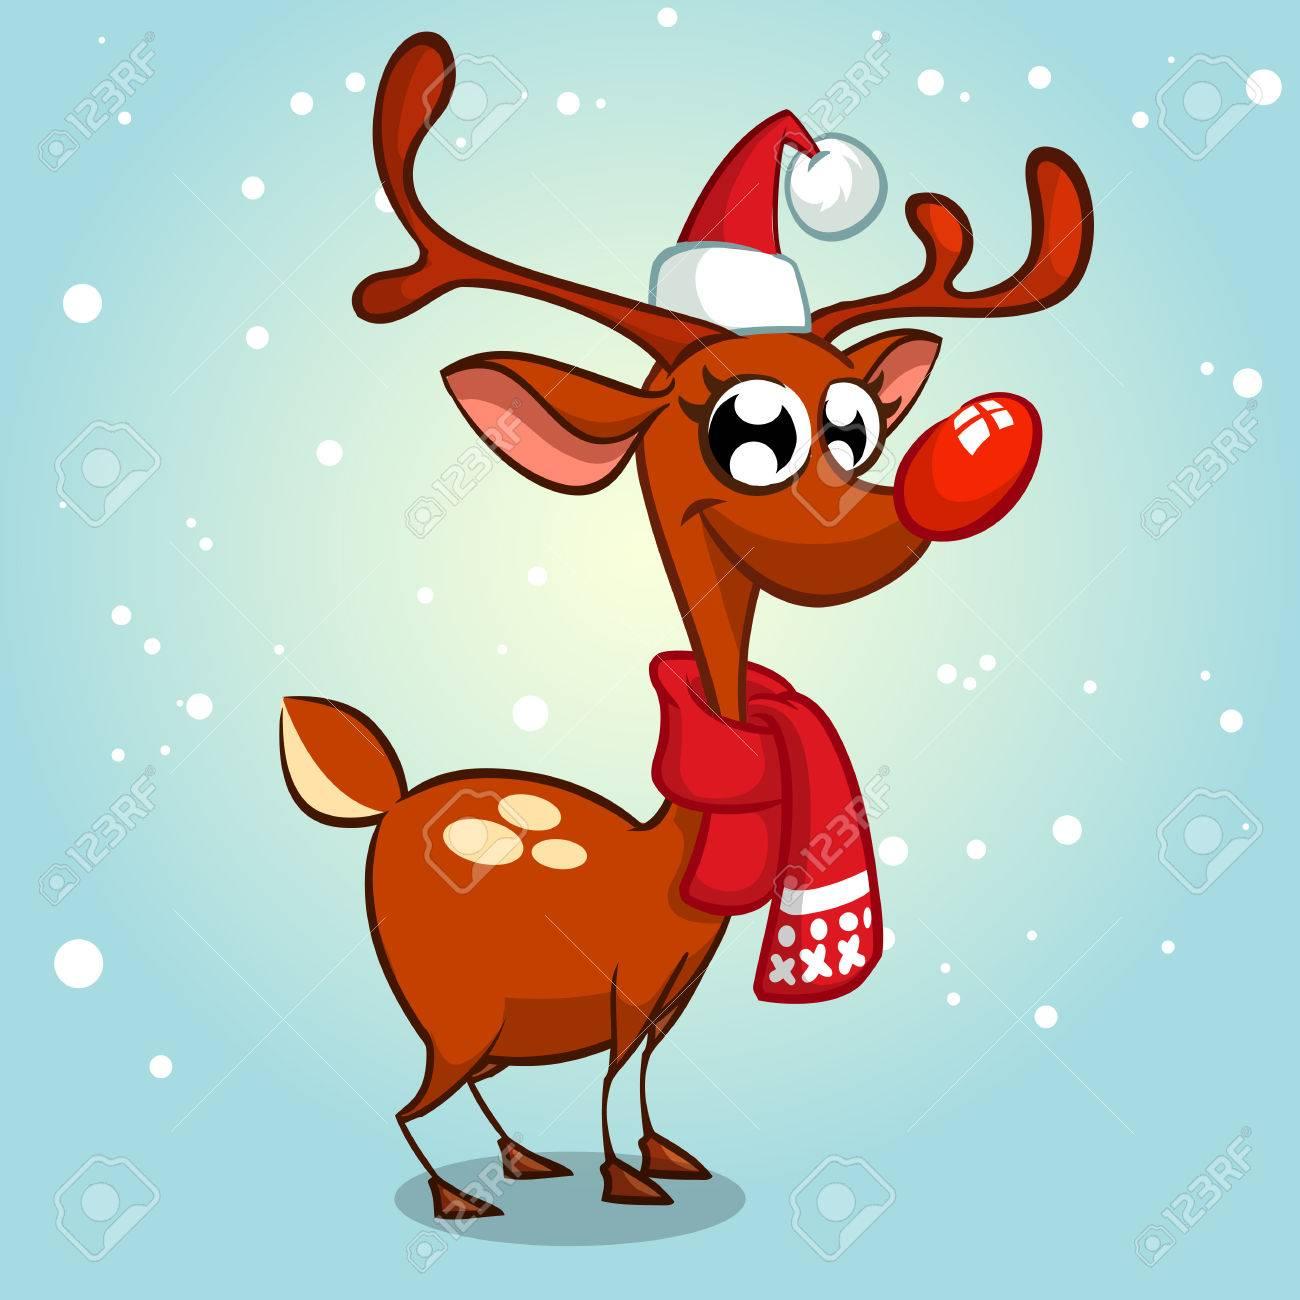 Les Renne Du Pere Noel.Noël Renne Père Noël Vecteur Illustration Neigeux Fond